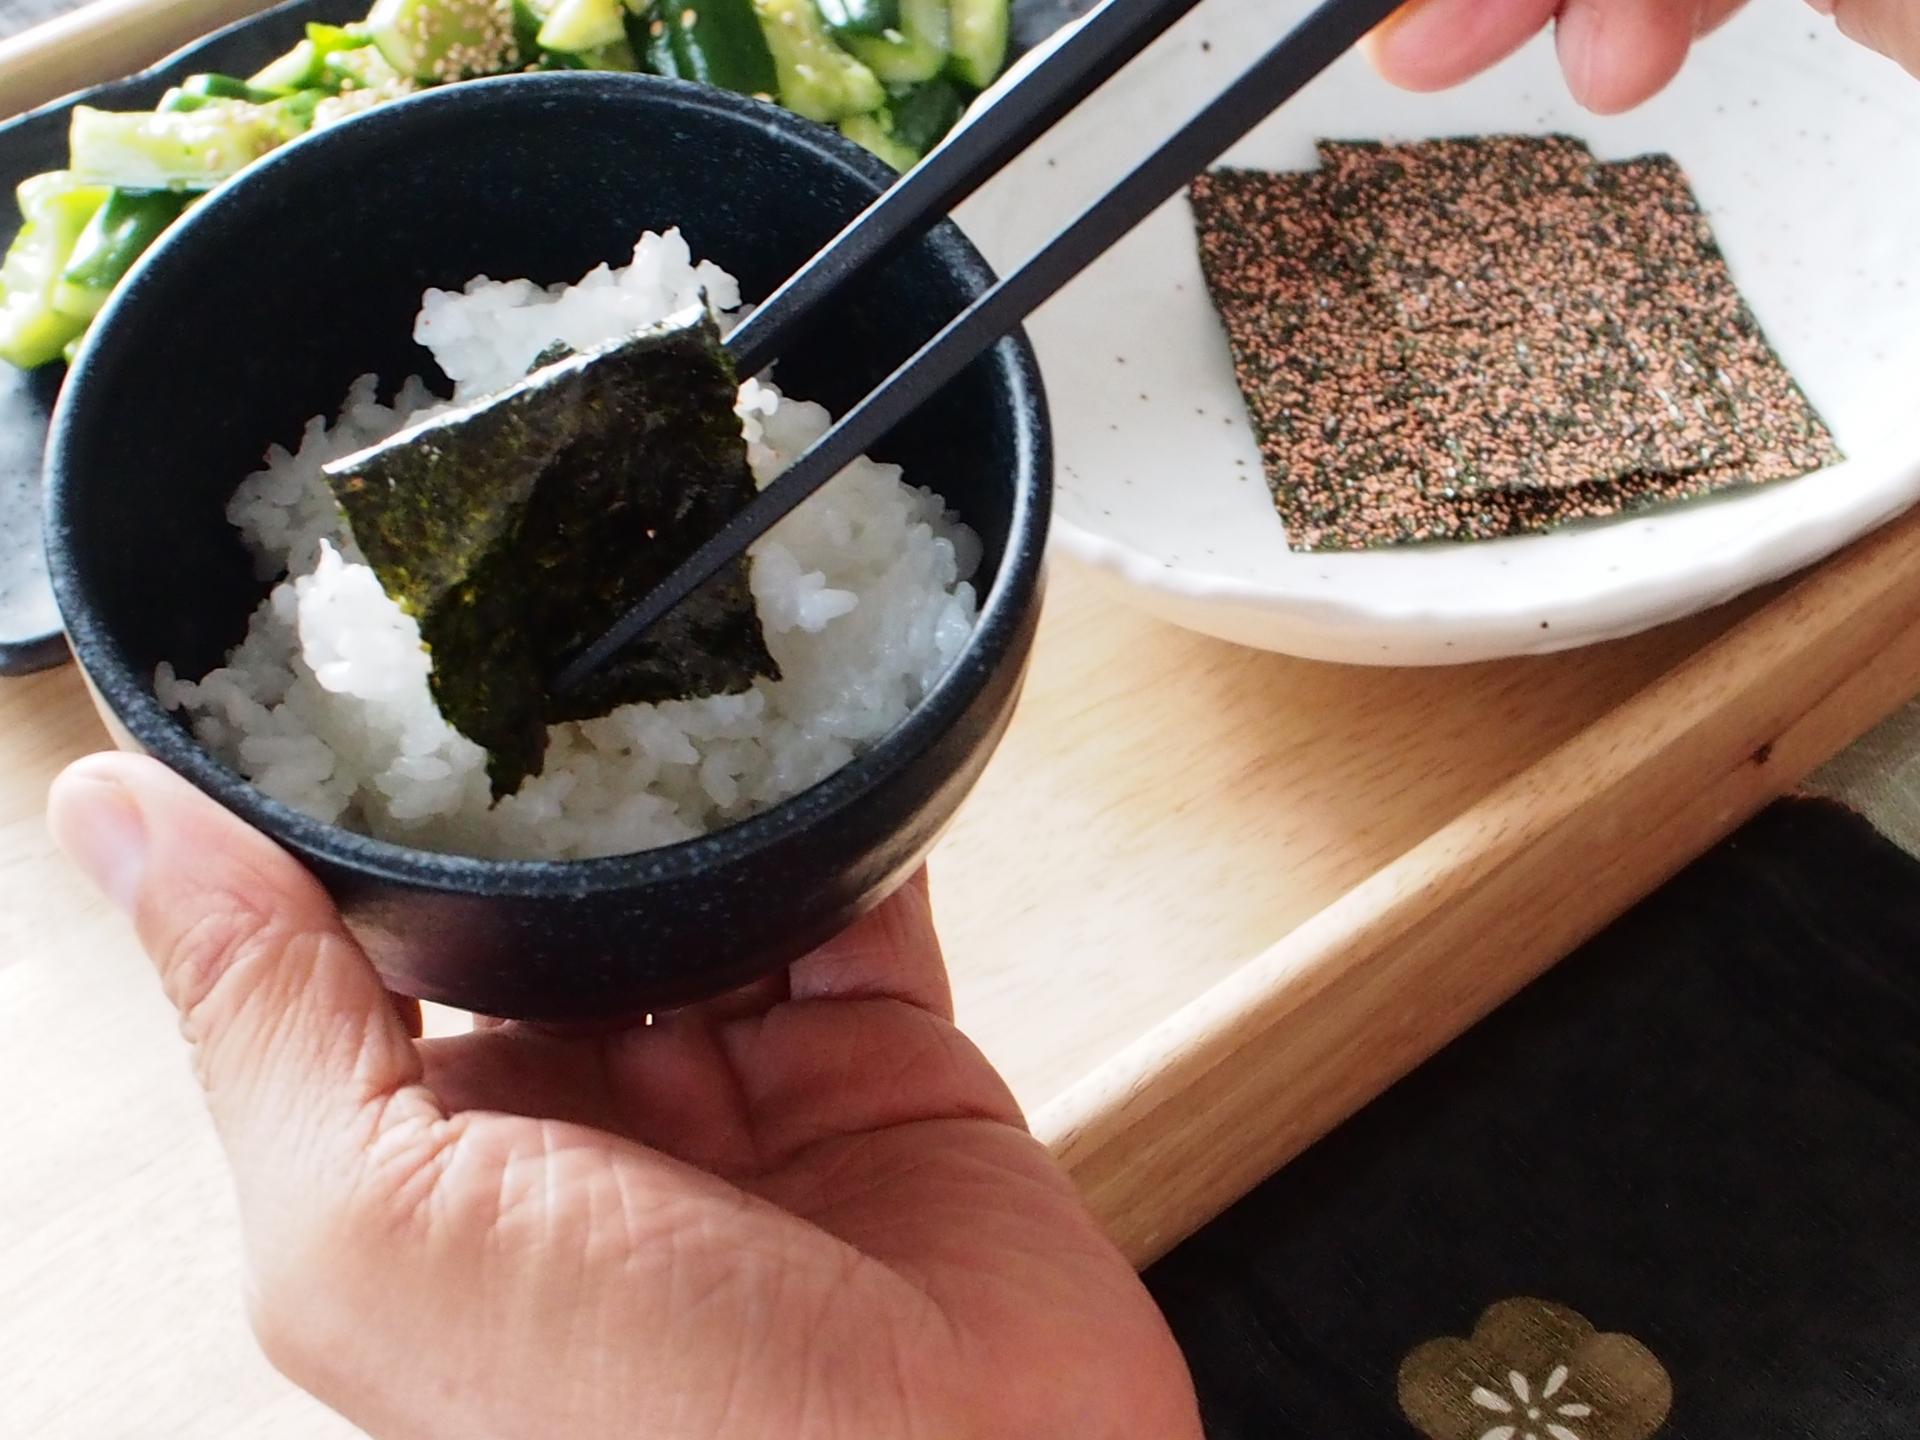 味付け海苔のおすすめ7選!種類やおいしい食べ方も紹介